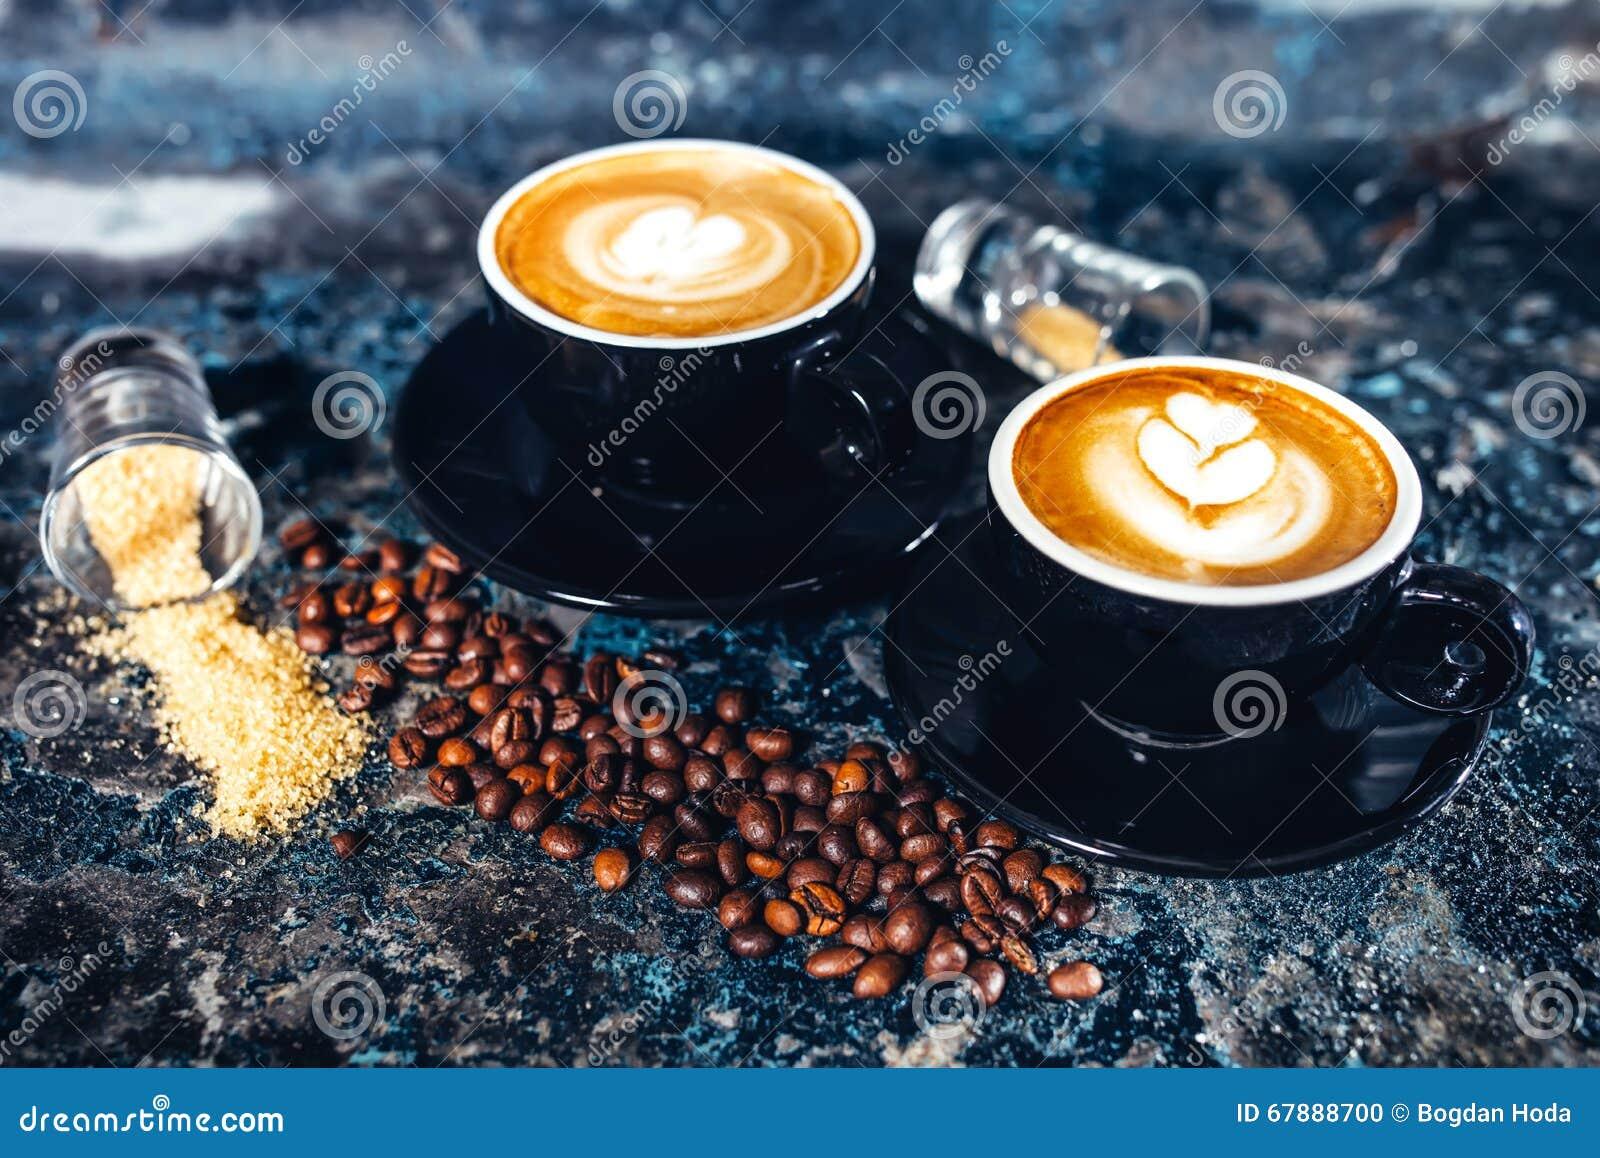 拿铁艺术浓咖啡咖啡 在酒吧供食的无奶咖啡